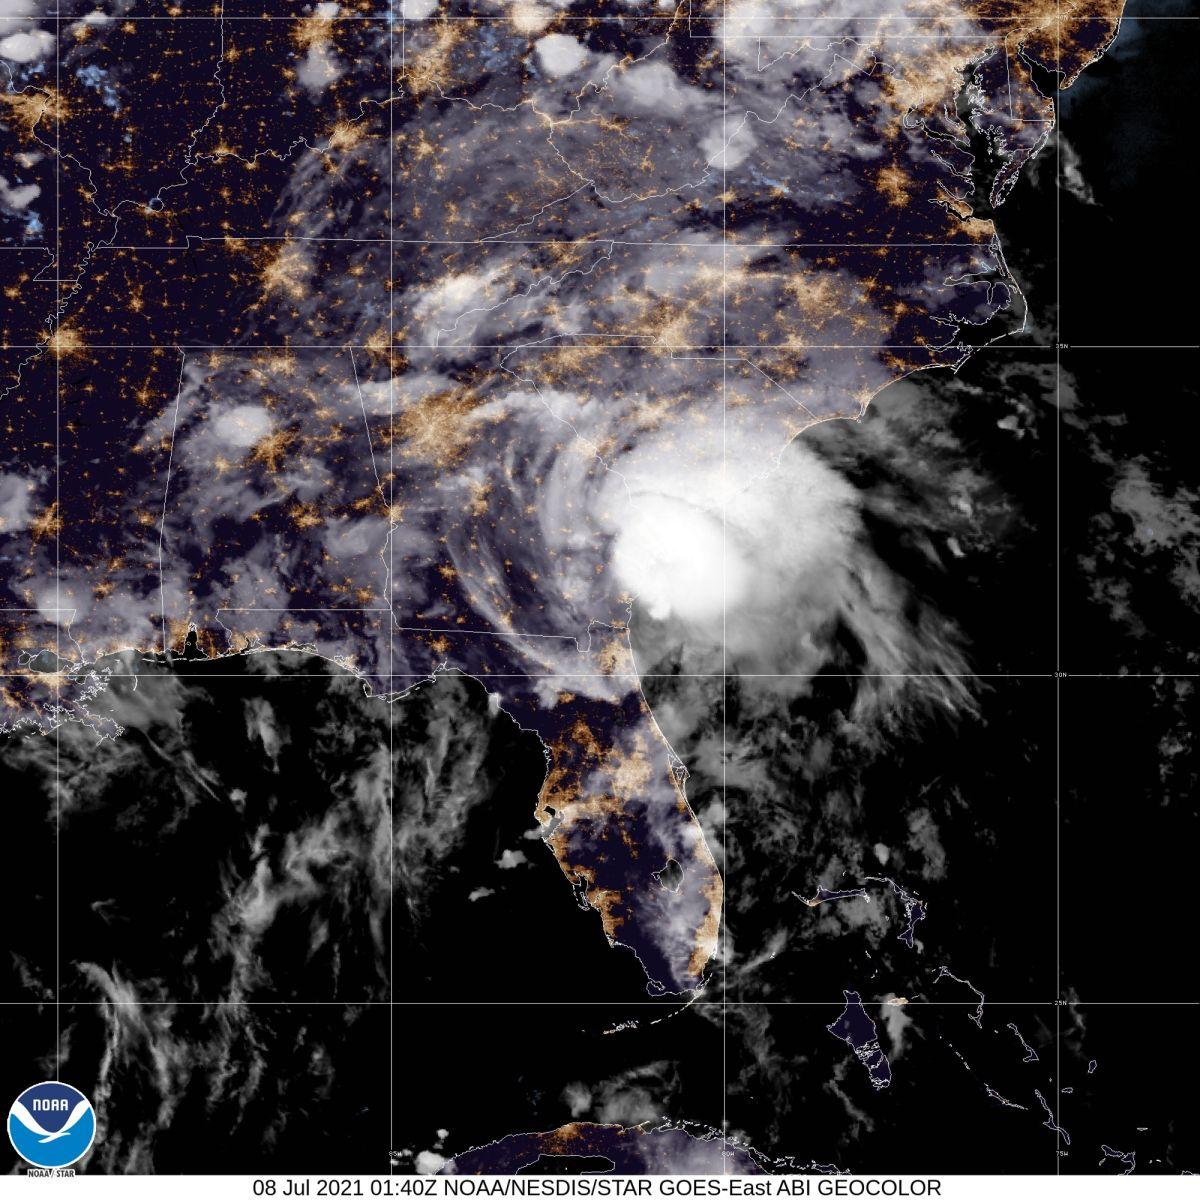 La tormenta tropical Elsa continúa causando fuertes lluvias y vientos sobre el sur de Georgia.